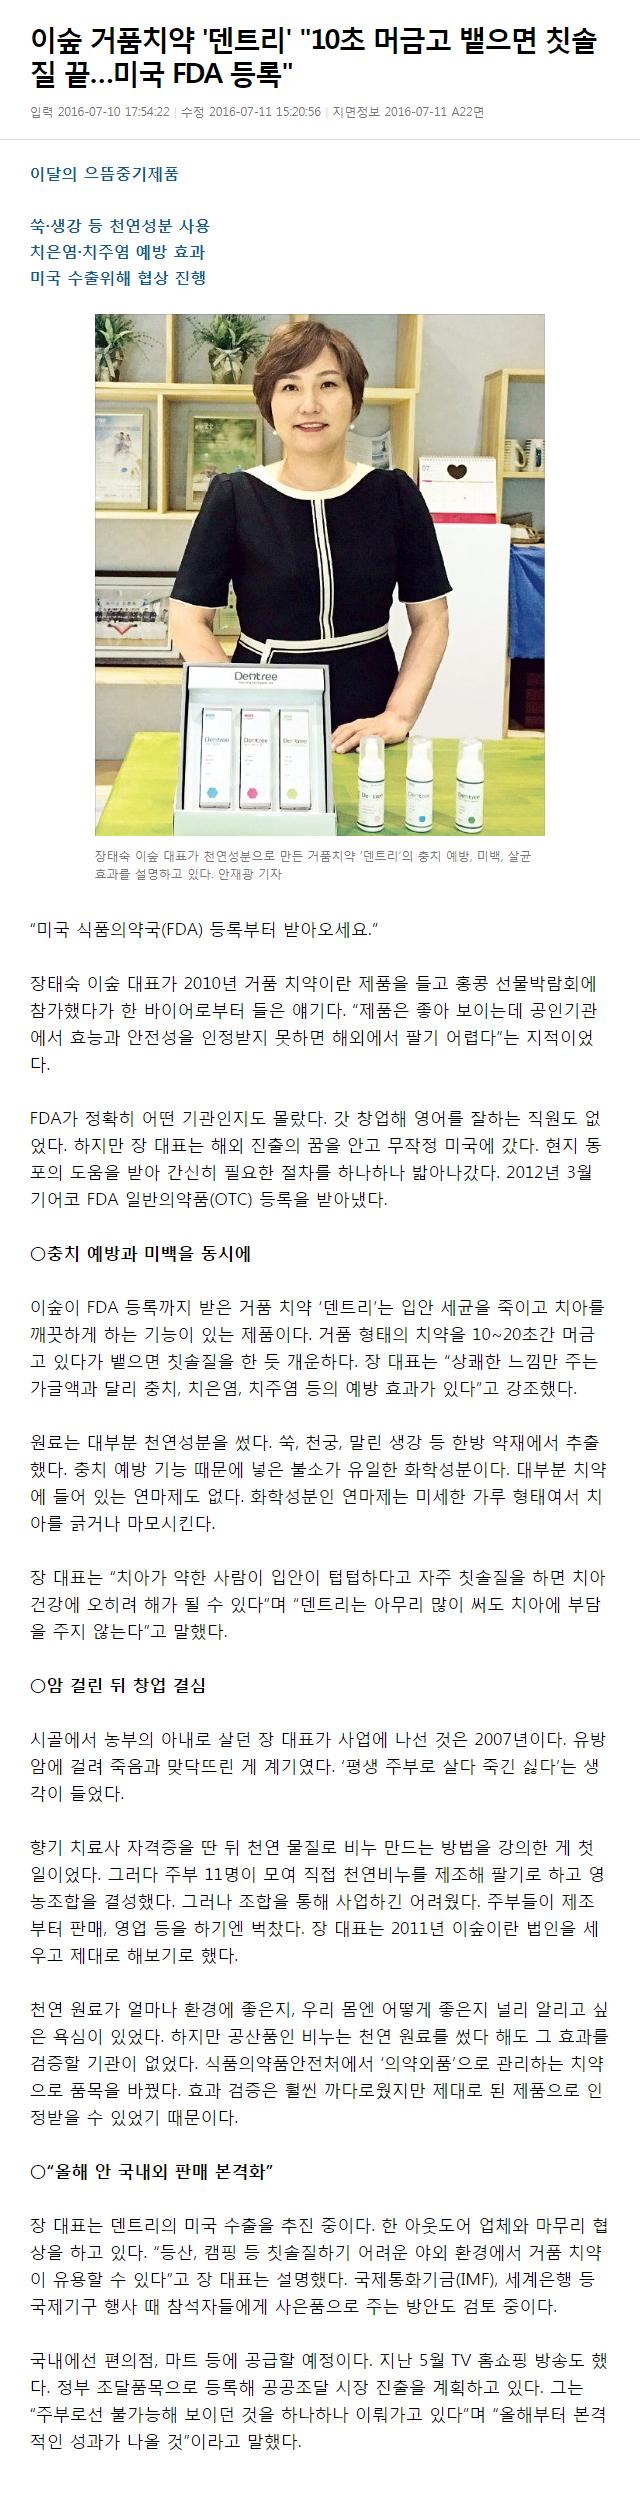 한국경제 2016년 07월 11일 기사